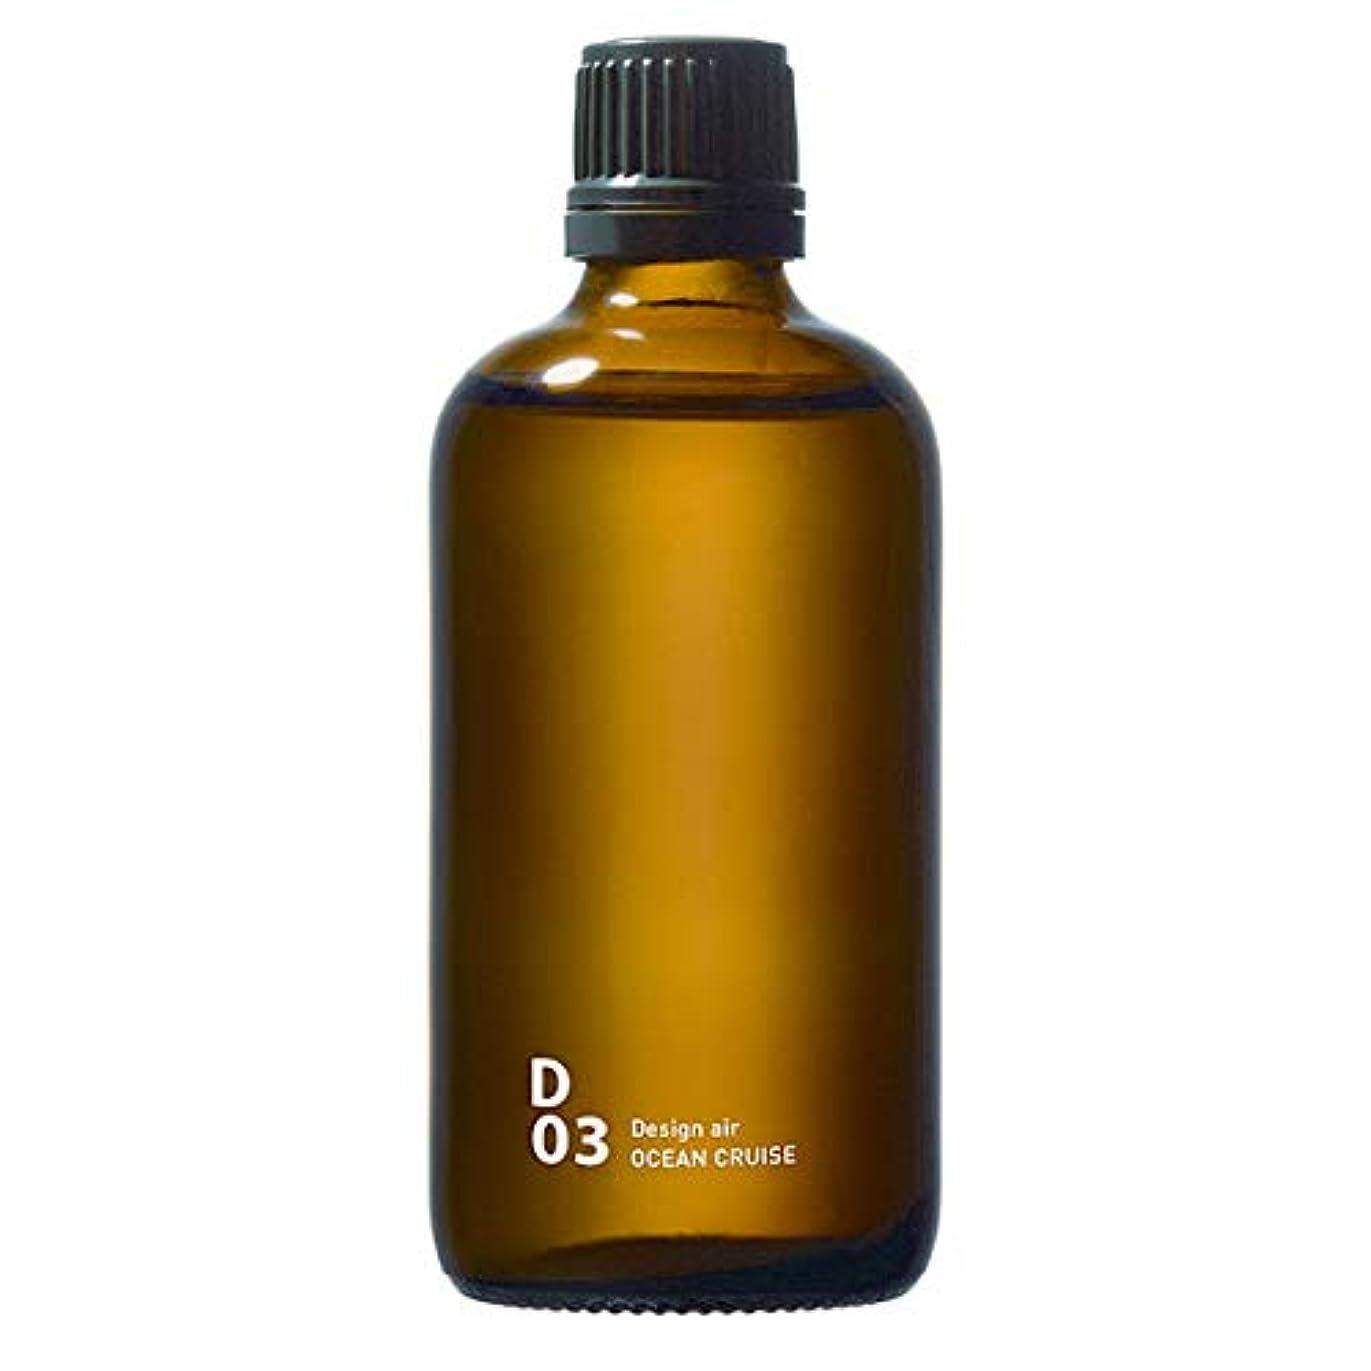 球状メッセージレッスンD03 OCEAN CRUISE piezo aroma oil 100ml